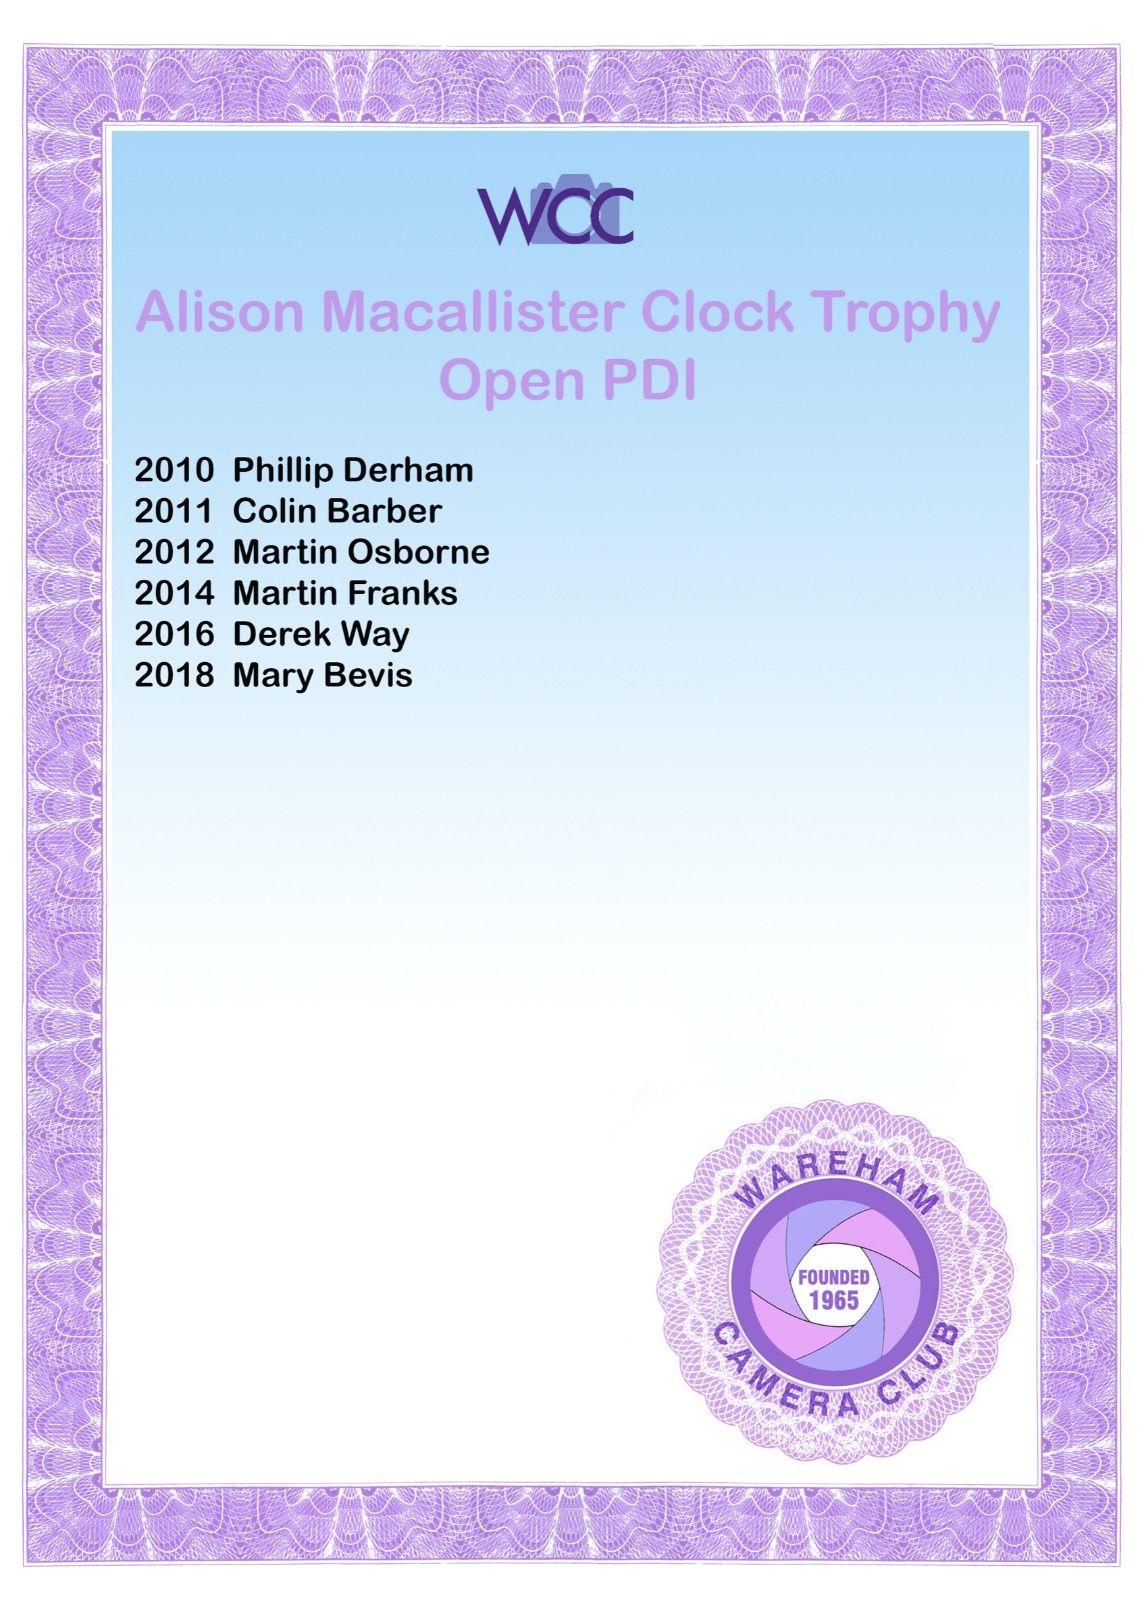 Alison Macallister Clock